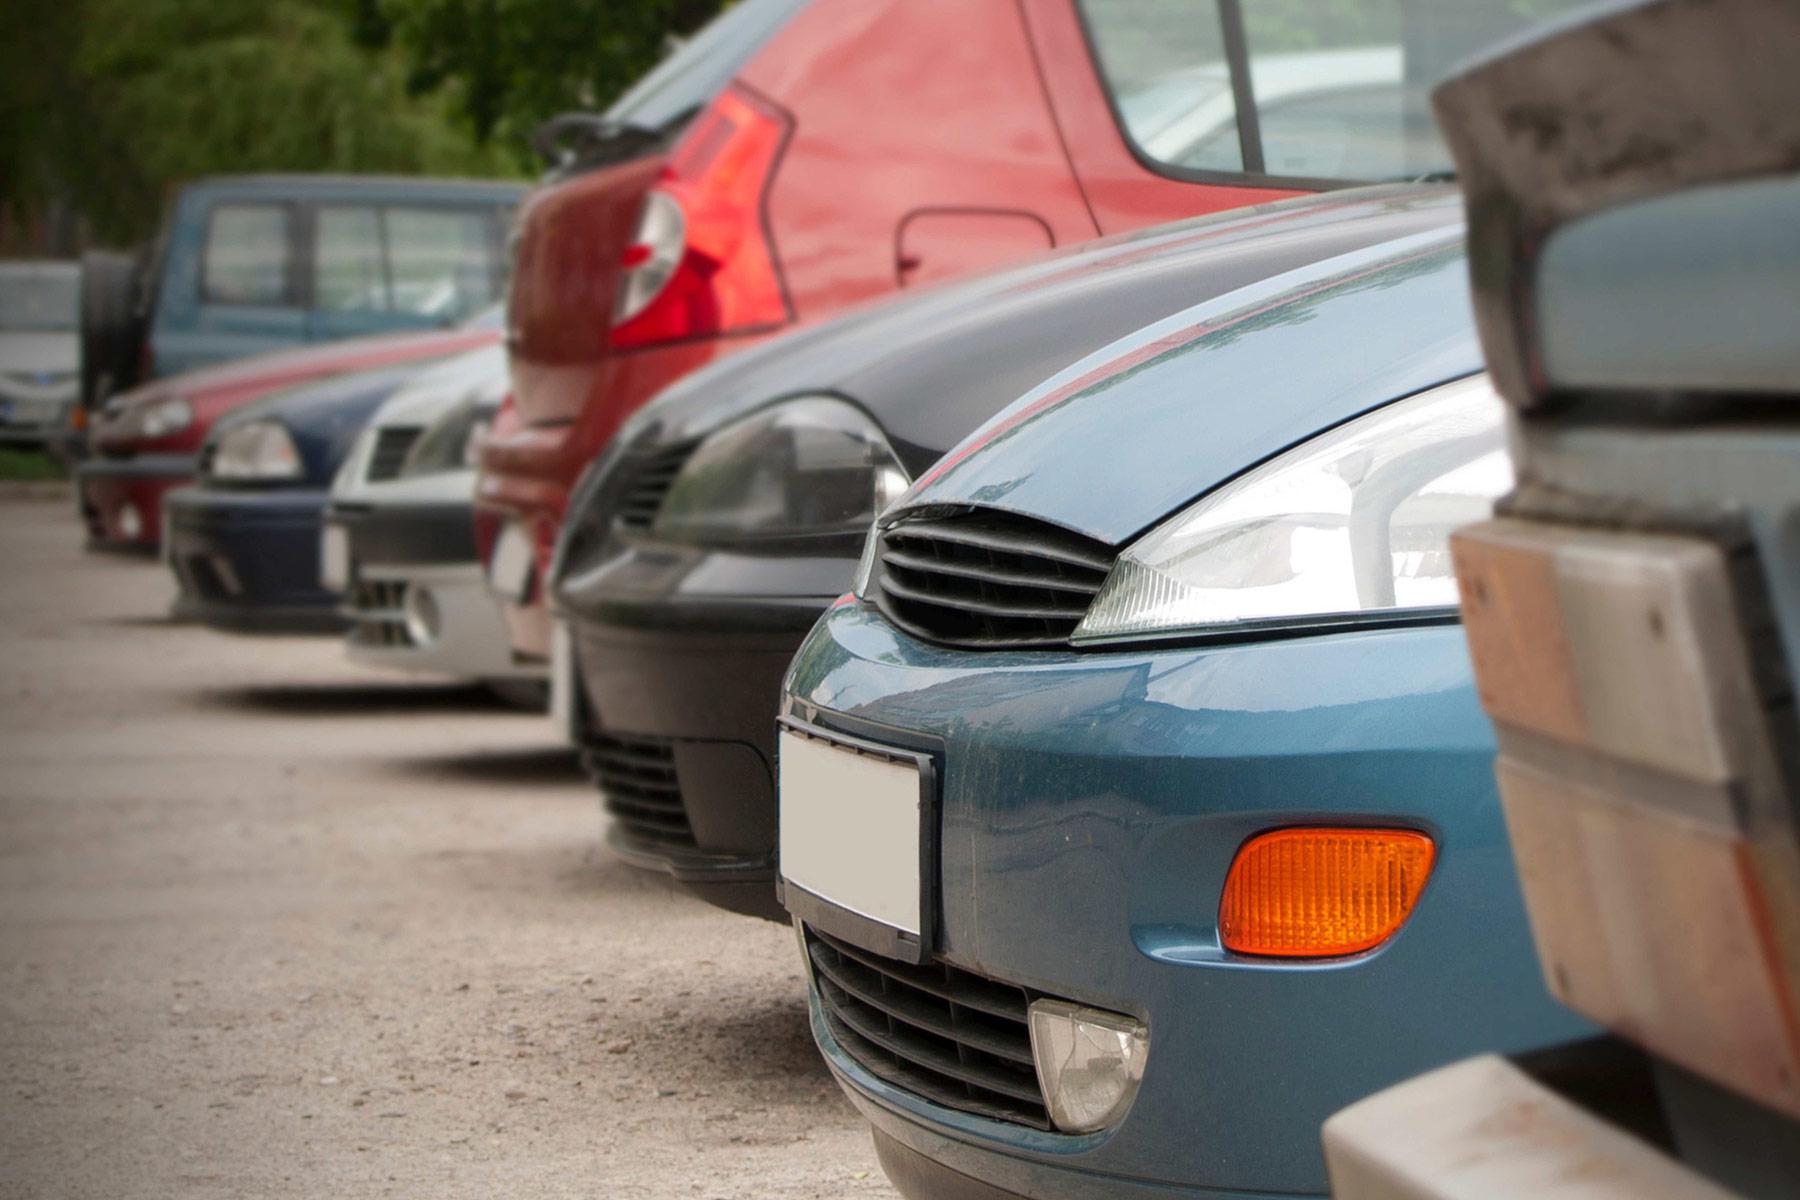 Loppuuko auton elinkaari tosiaan 150 000–300 000 ajetun kilometrin jälkeen? Lue autojen kestoiästä ja elinkaarimallista Autoriita.fi:n asiantuntijablogista!